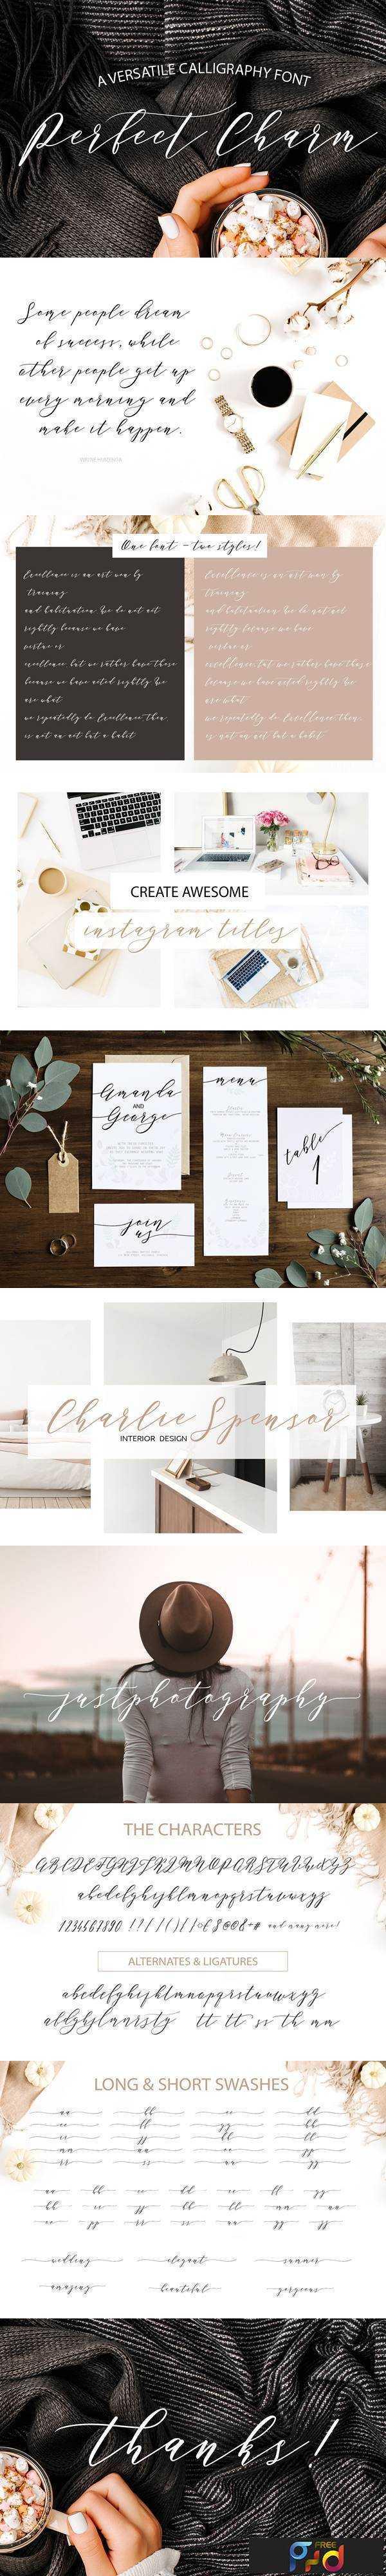 1805220 Perfect Charm - Elegant Font Script 2230345 1